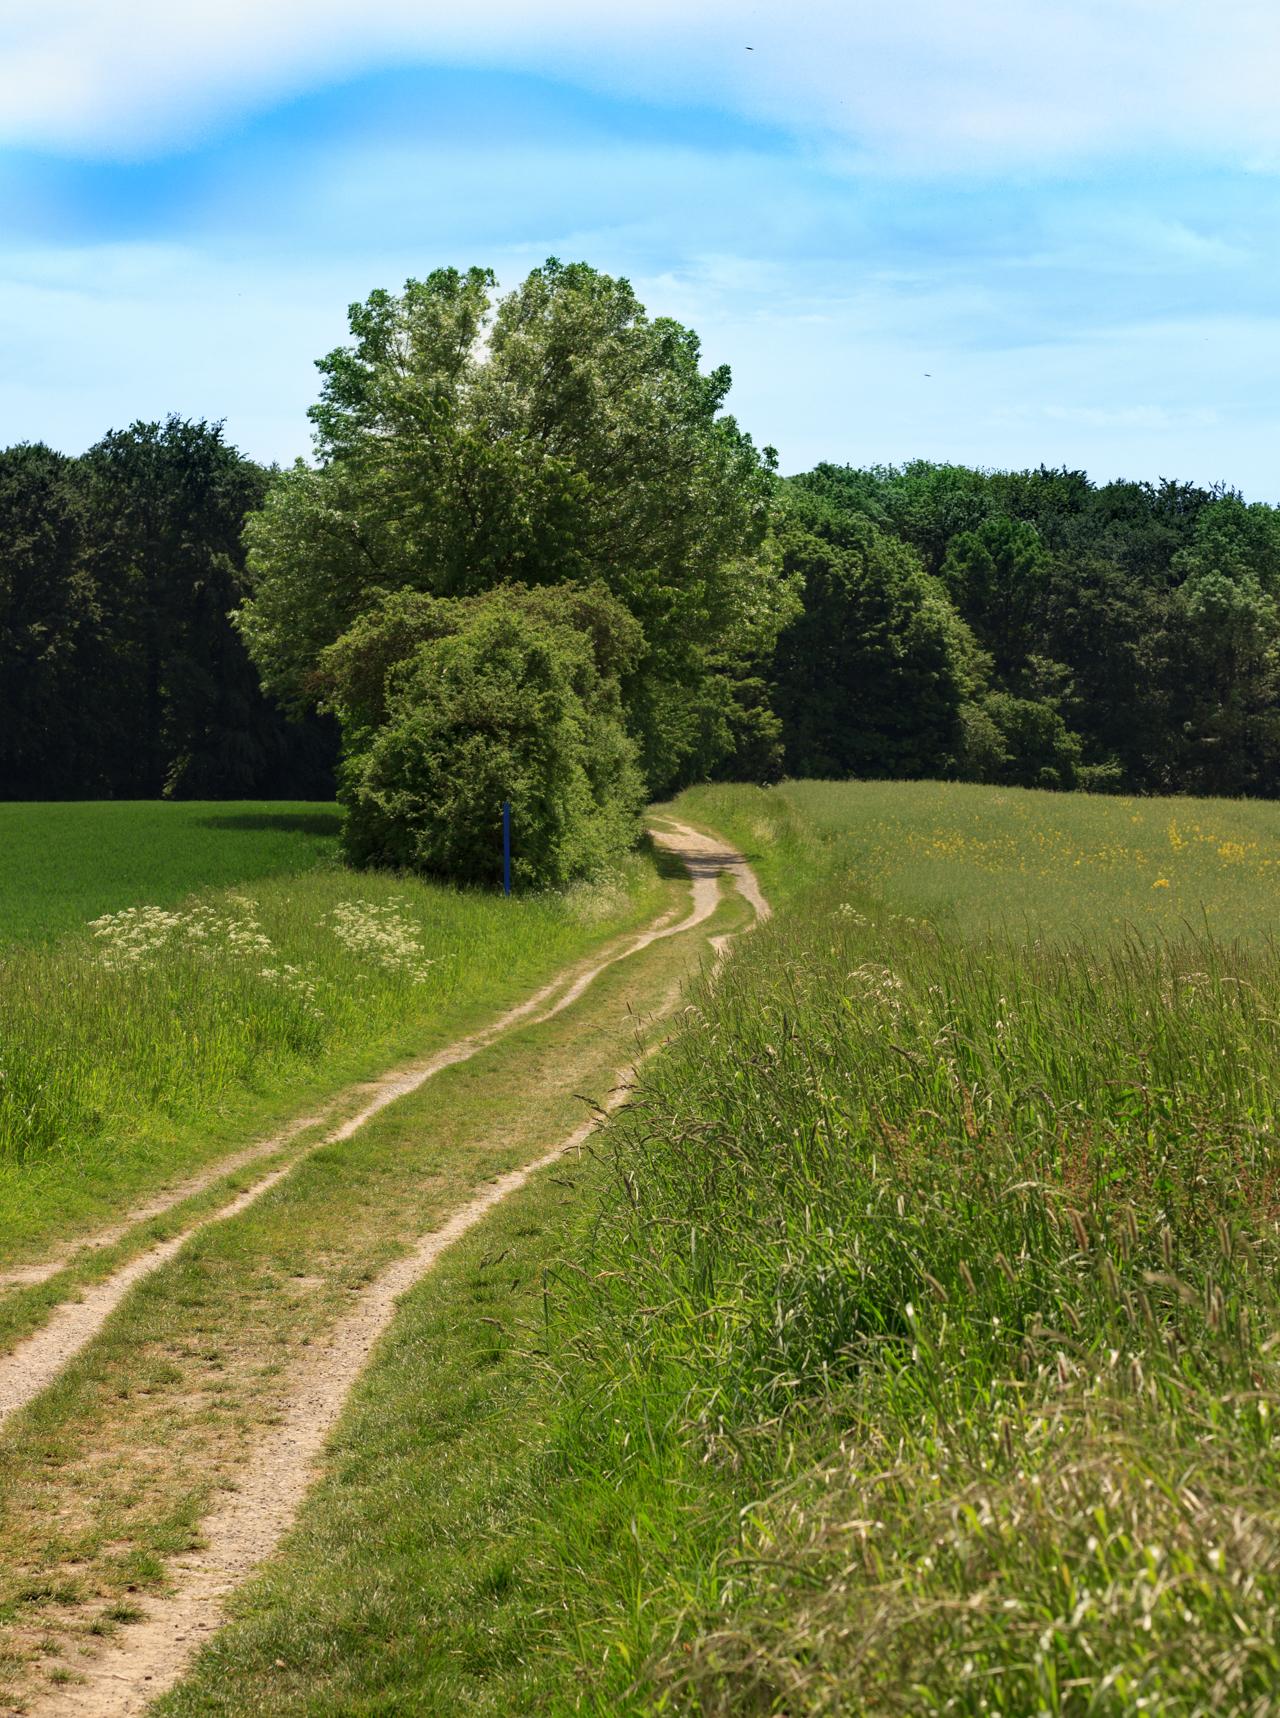 Gehrdener Berg, ein kleiner Weg durch die Natur